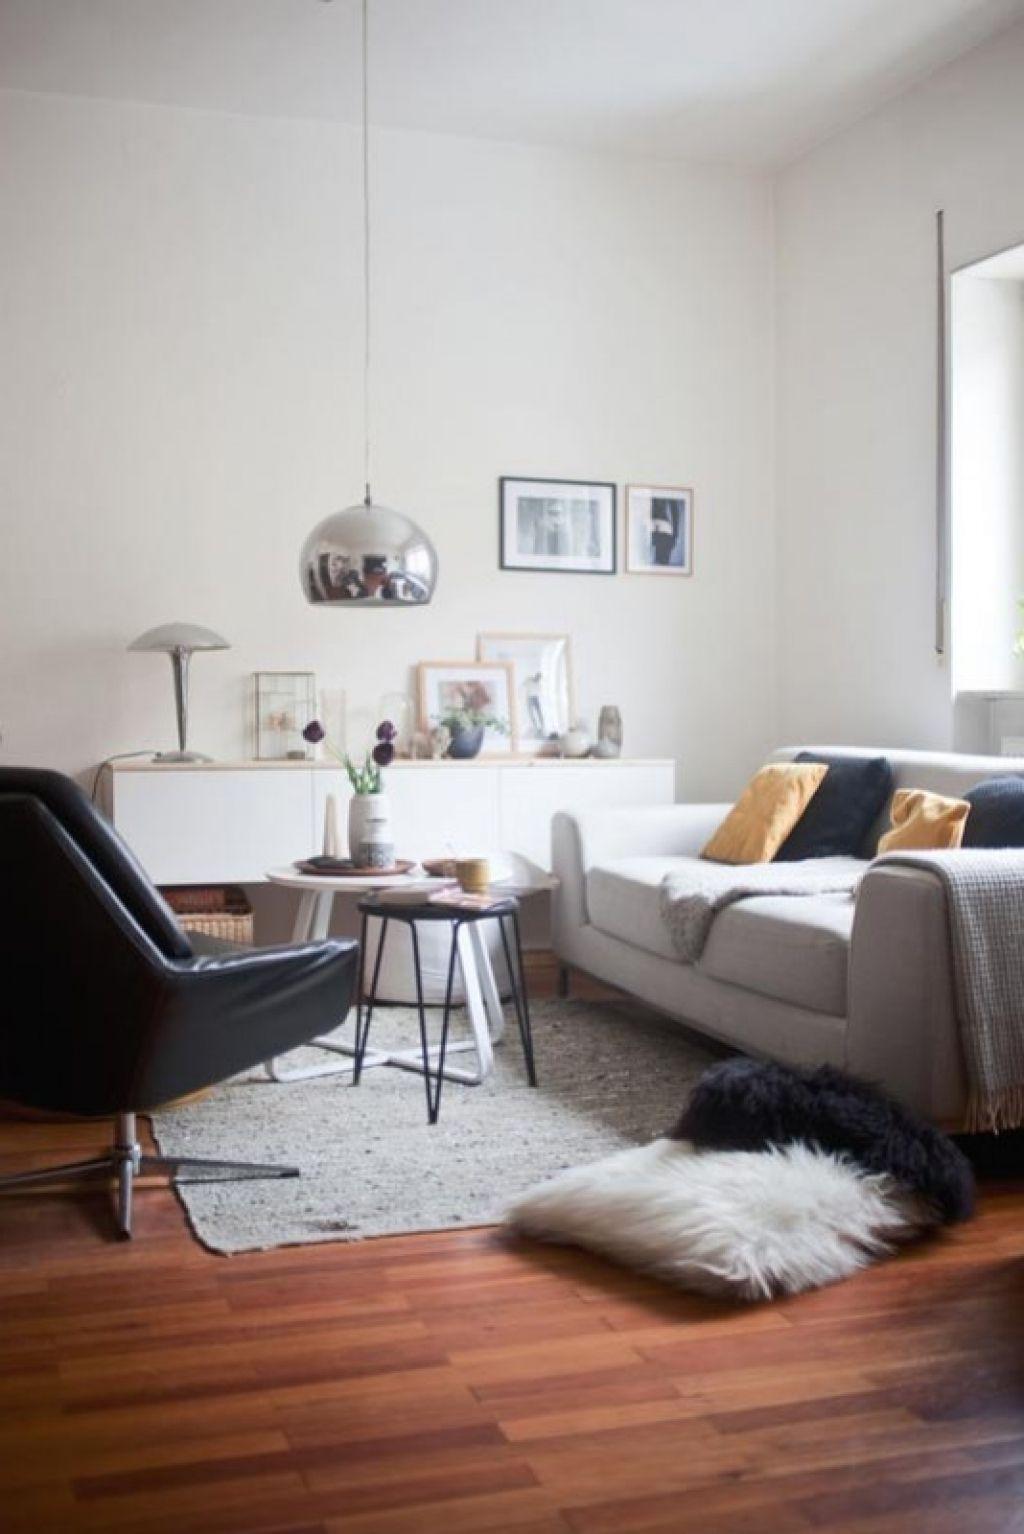 wohnzimmer lampe modern beleuchtung meines wohnzimmers erklre mir wie wohnzimmer lampe modern. Black Bedroom Furniture Sets. Home Design Ideas